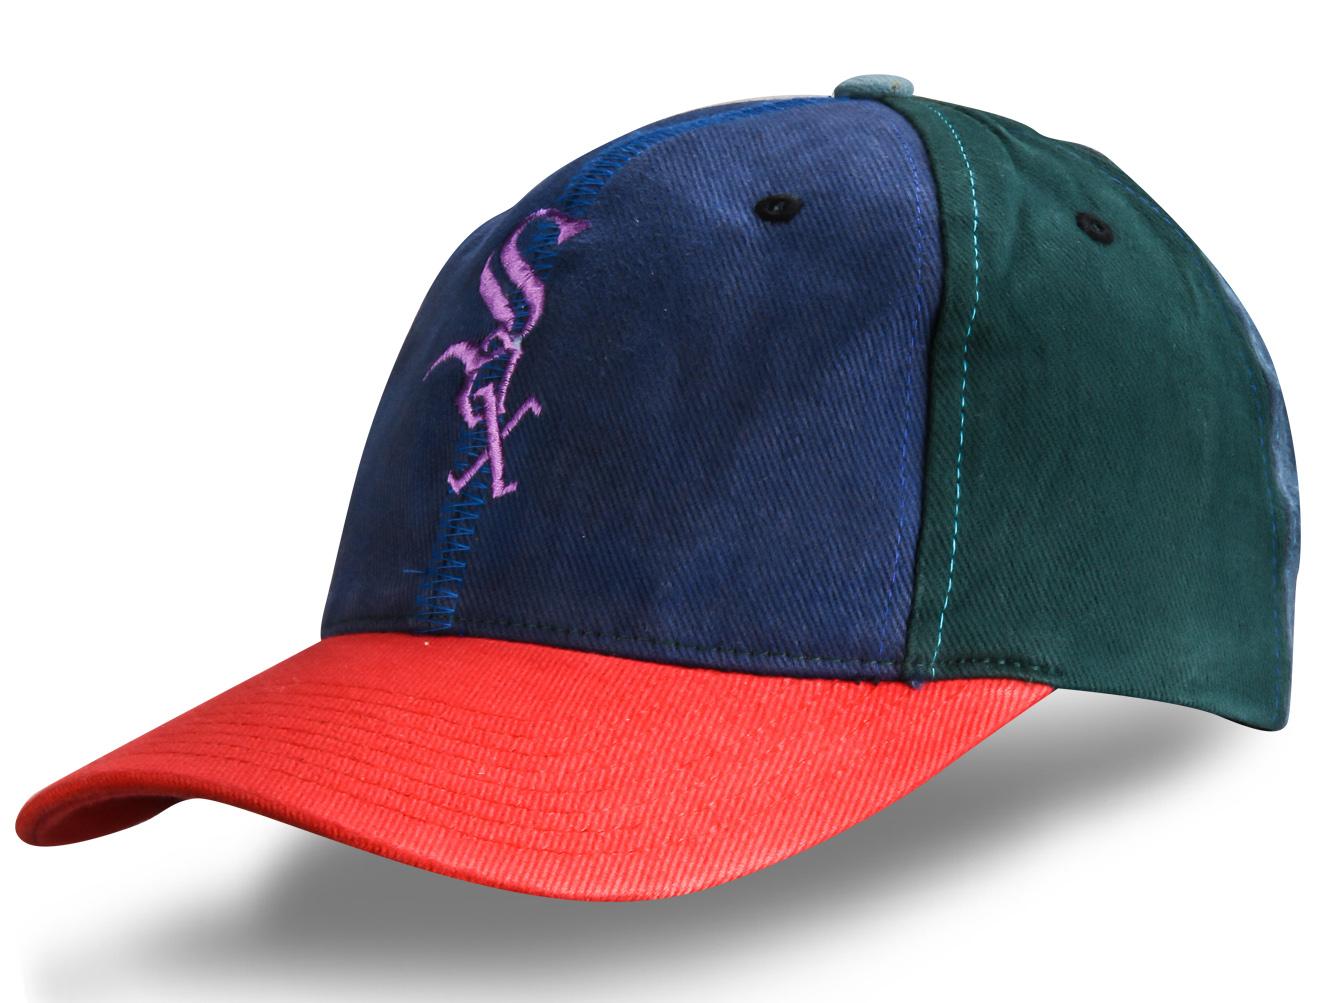 Бейсболка Sox - купить в интернет-магазине с доставкой